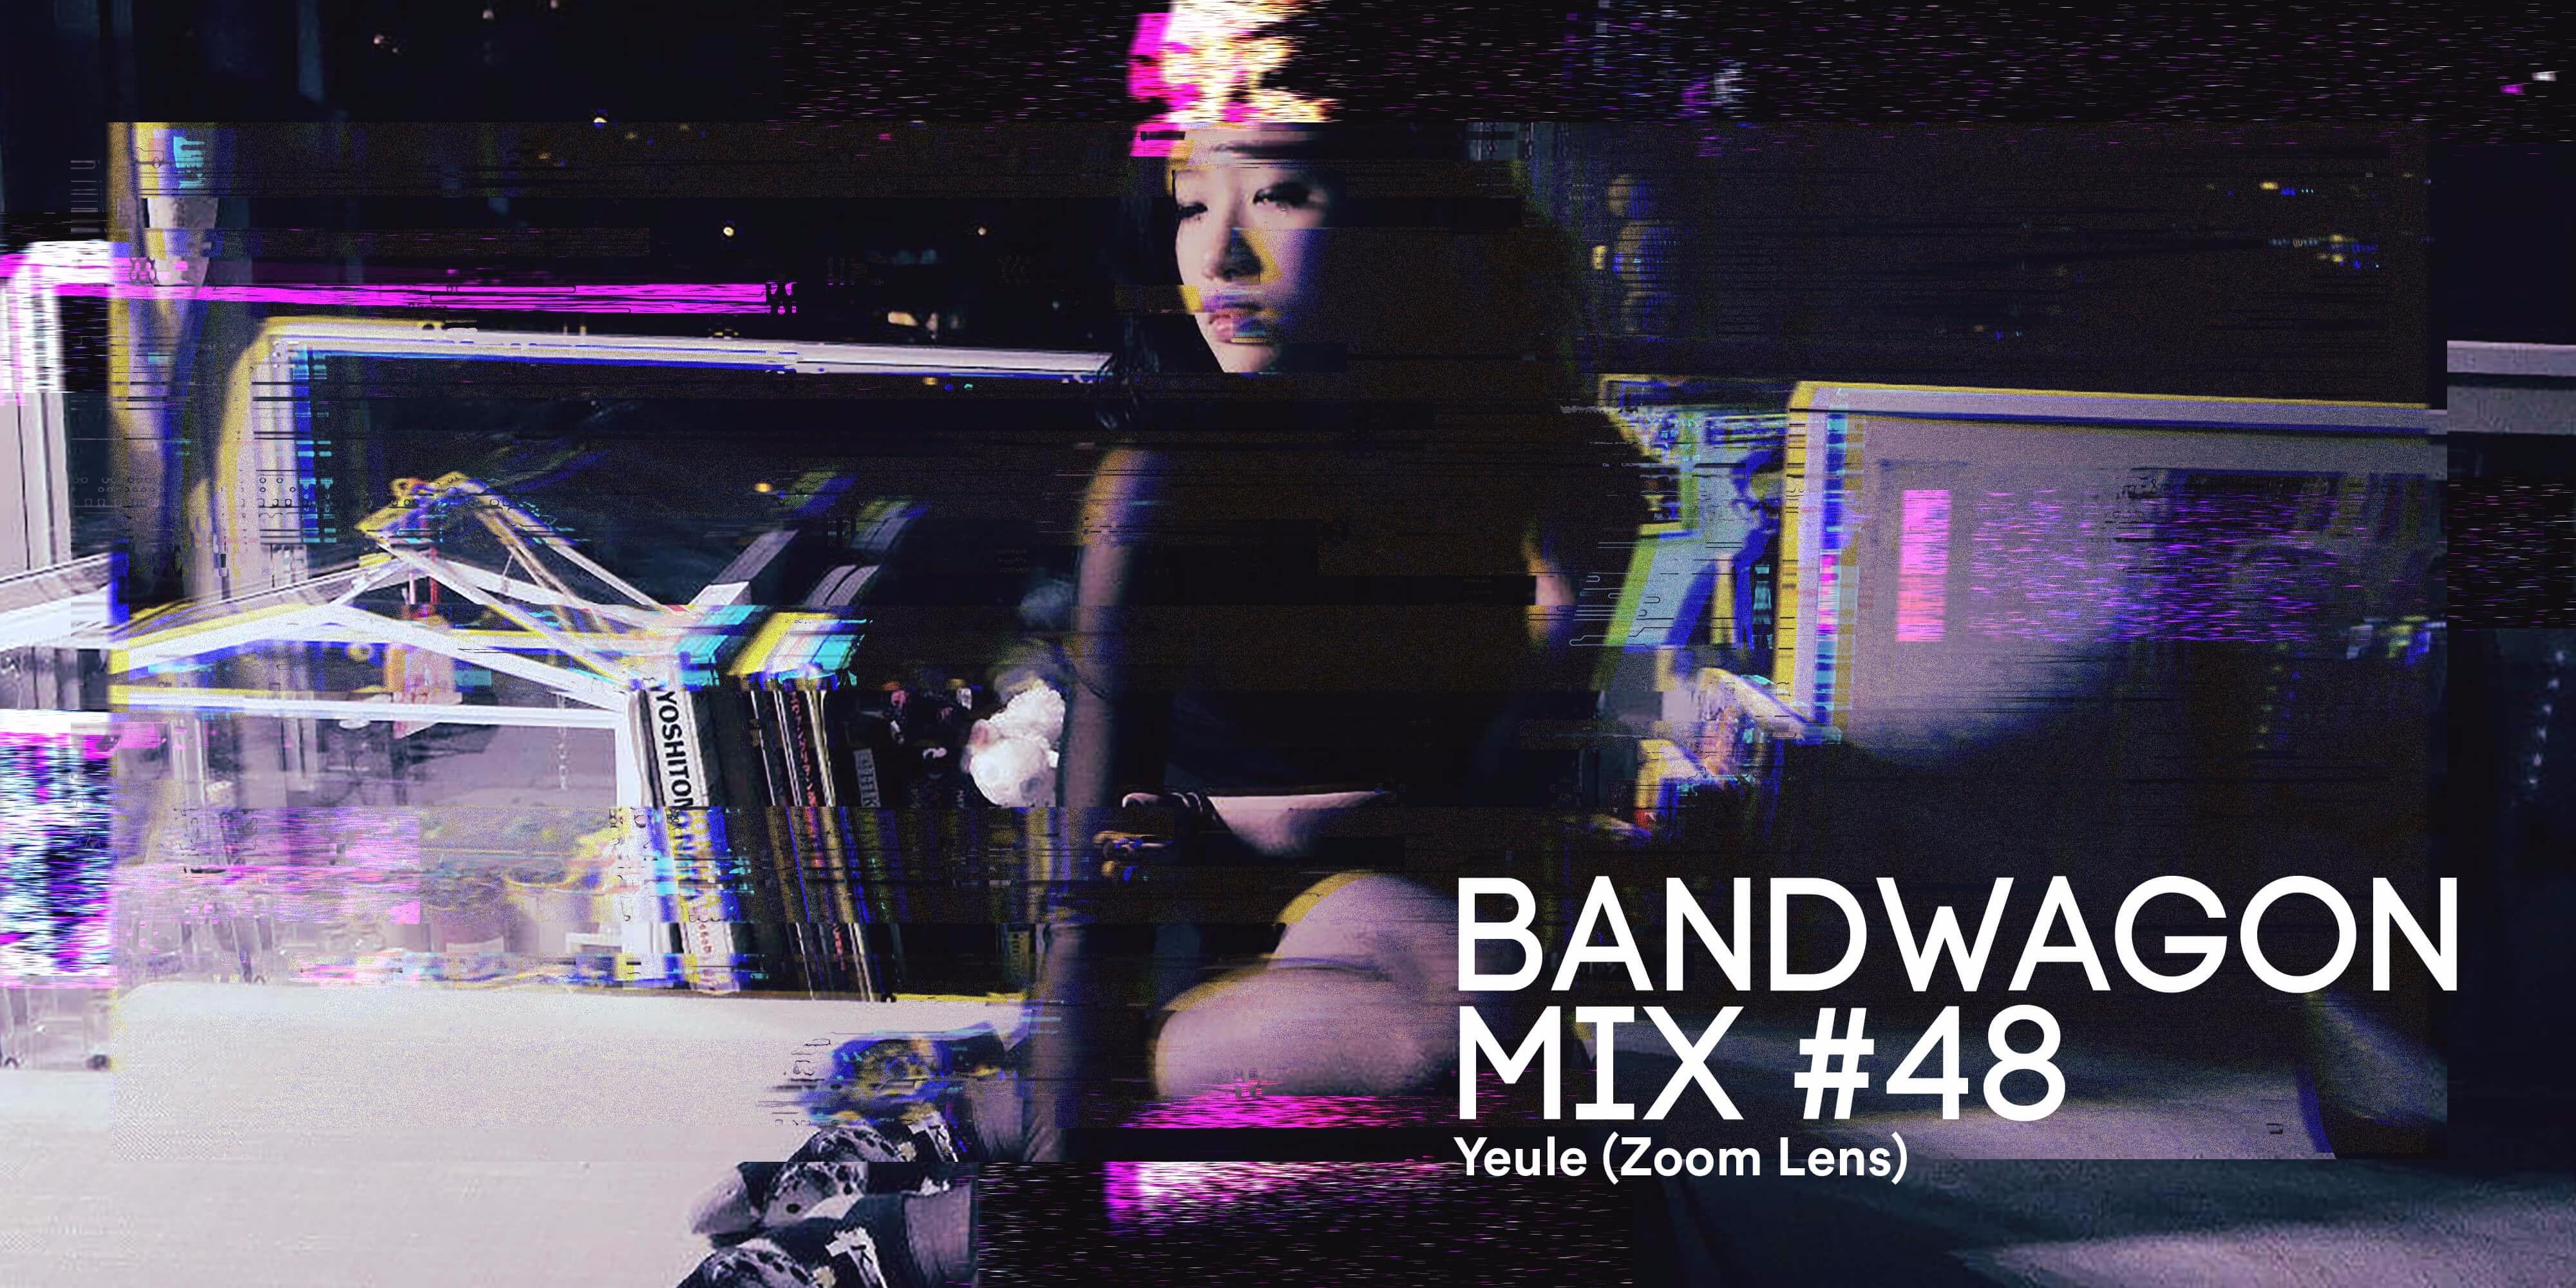 Bandwagon Mix #48: Yeule (Zoom Lens)